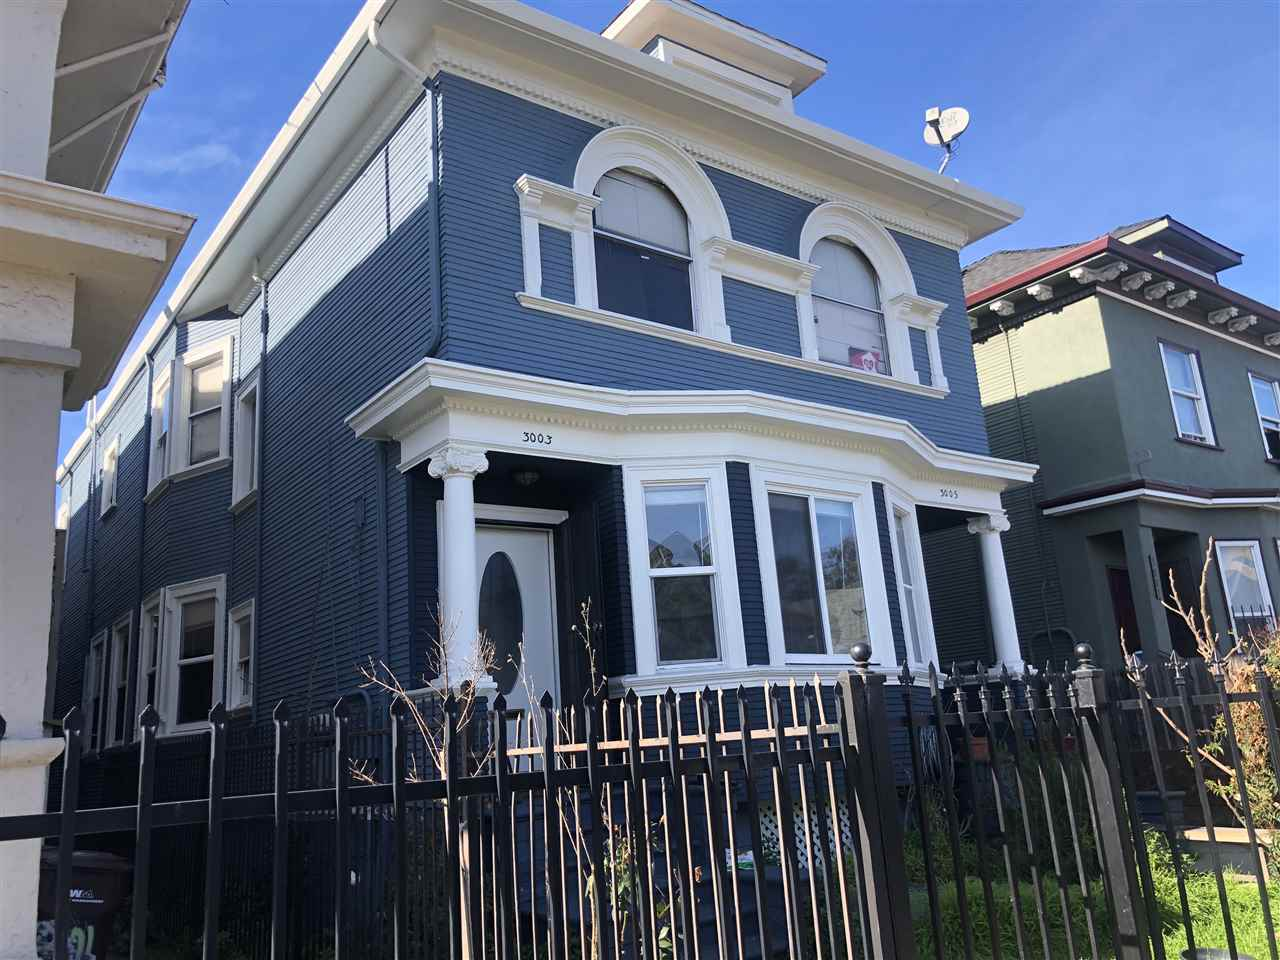 3003 Mlk Jr. Way Oakland, CA 94609